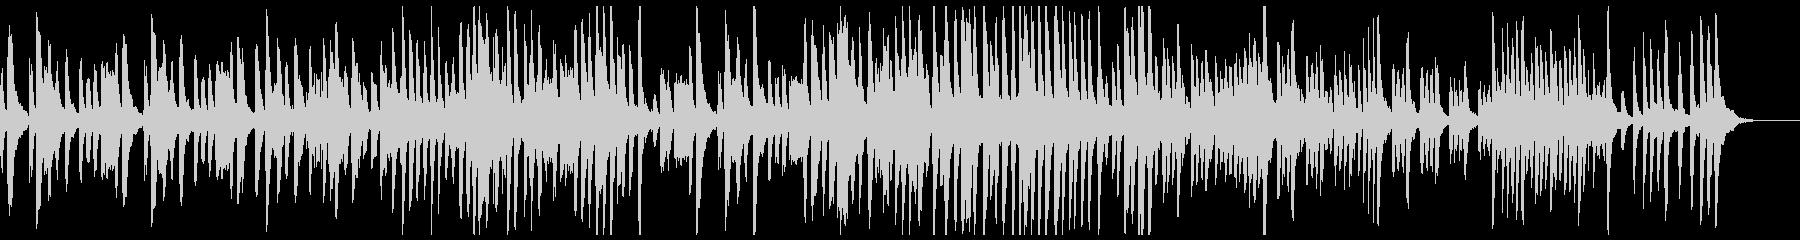 ピアノのクールなトラックの未再生の波形